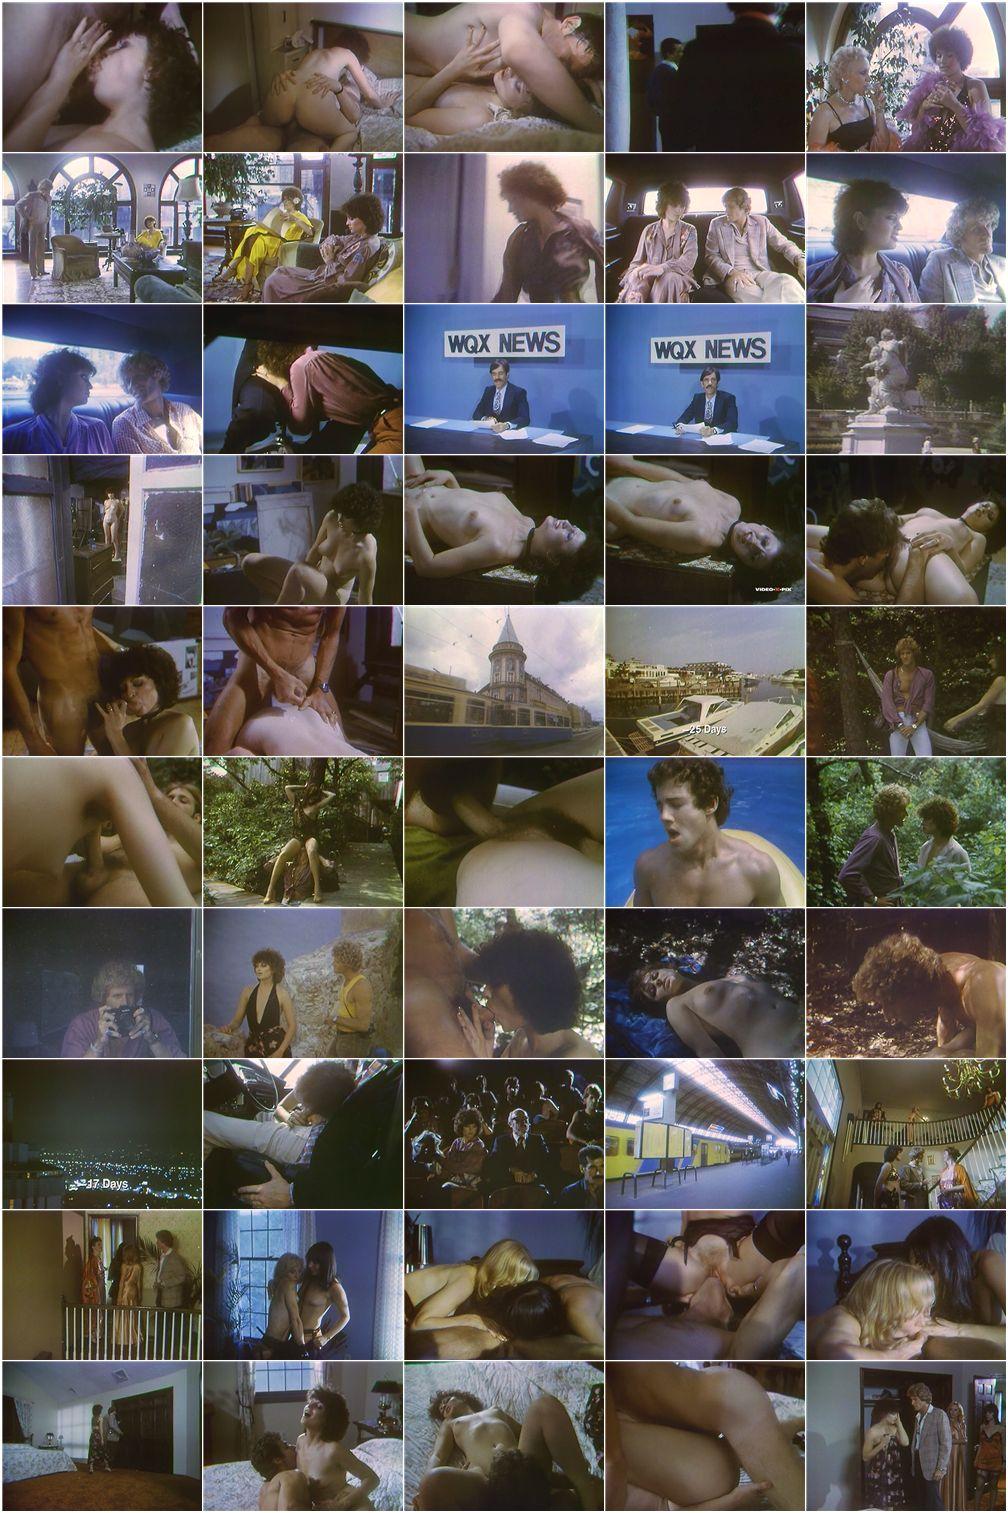 porno-ubiytsi-film-1980